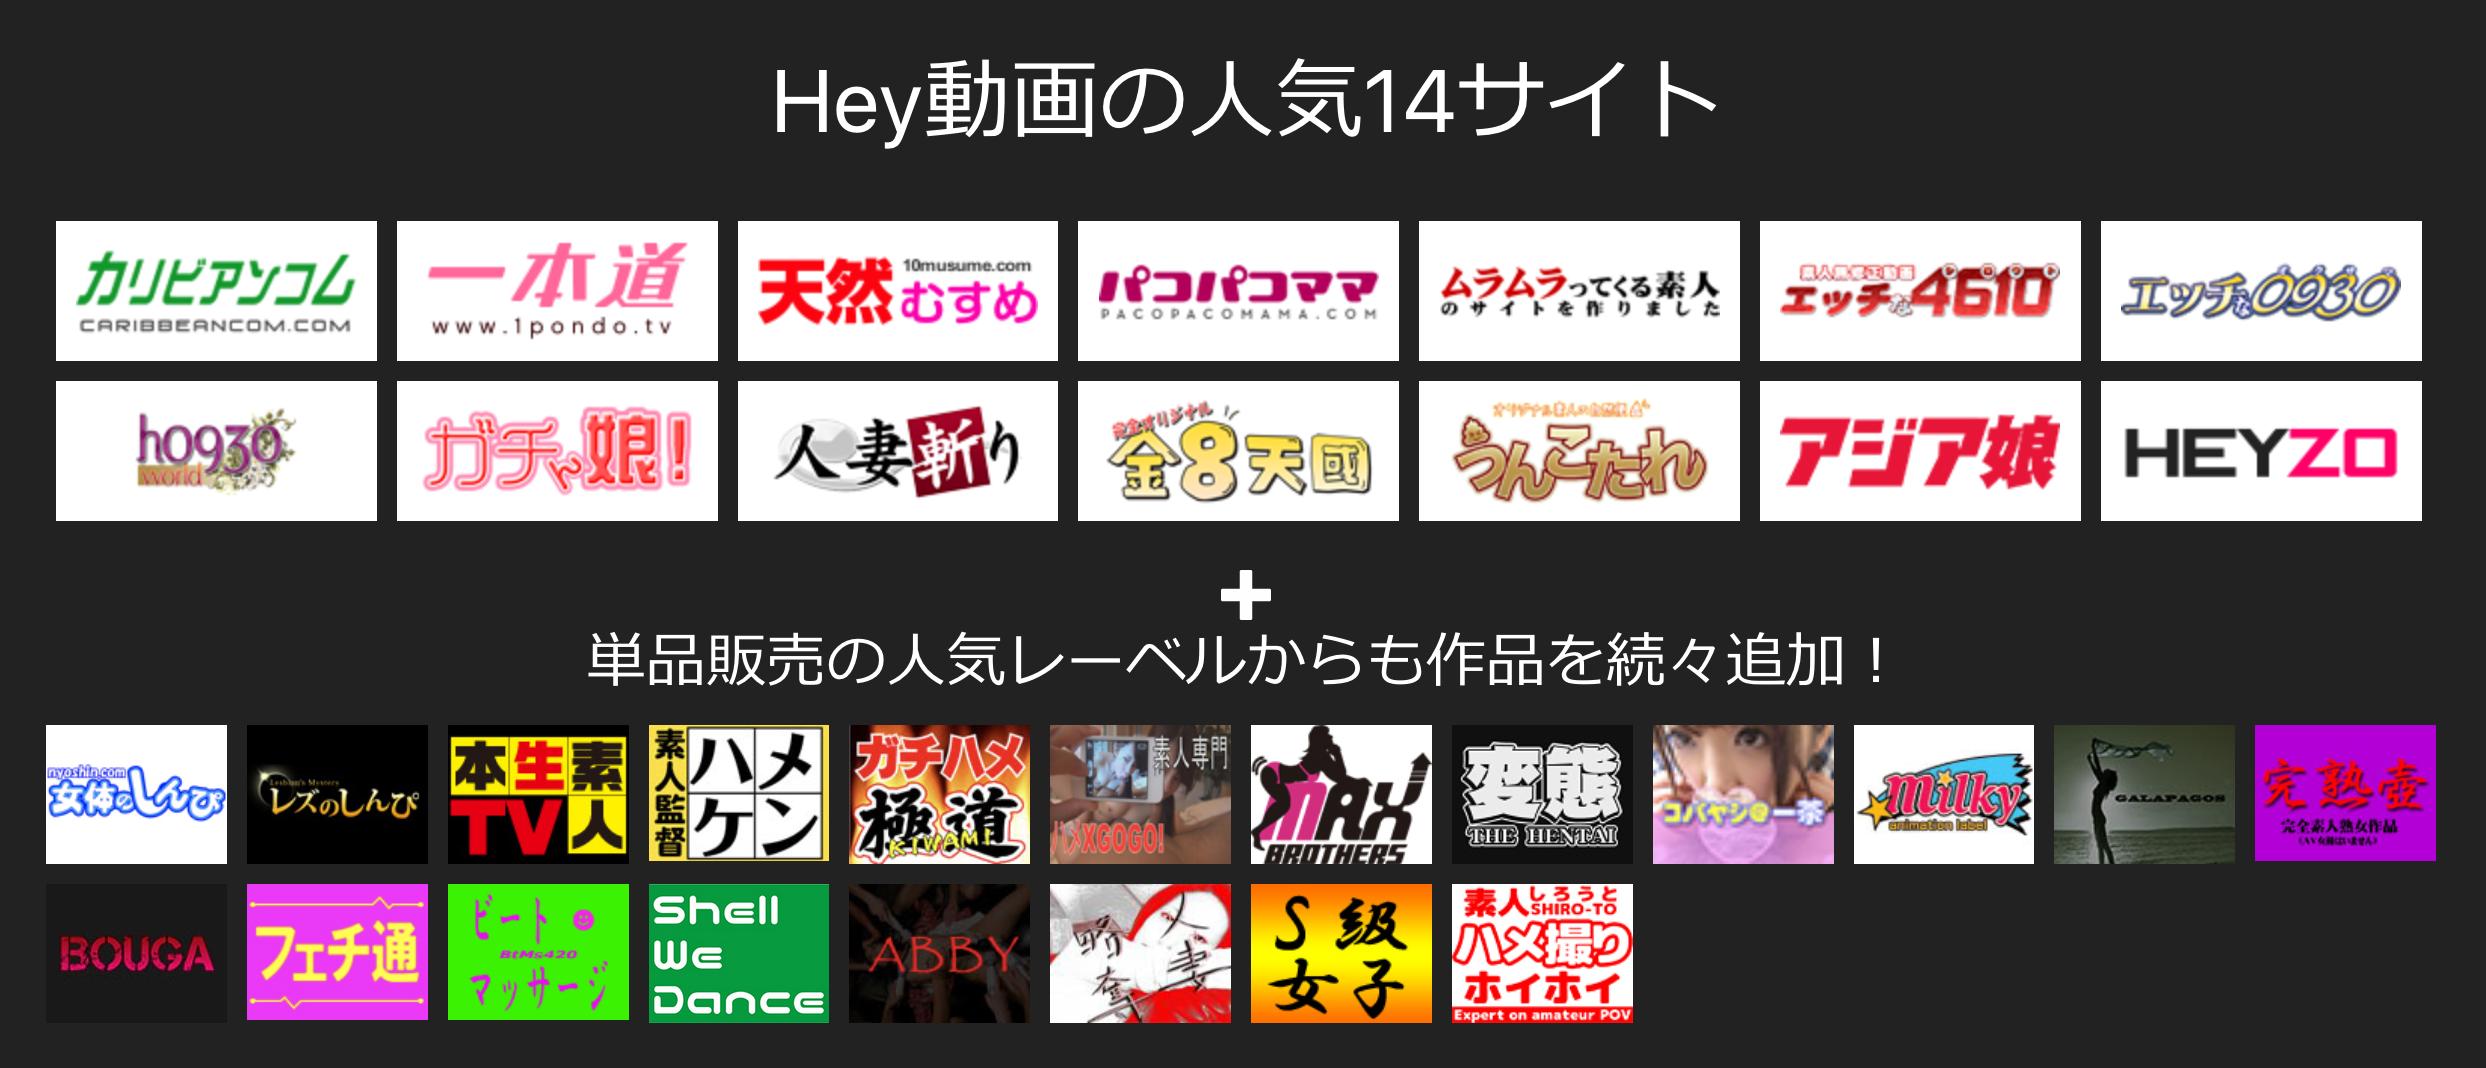 Hey動画見放題プランの視聴可能サイト